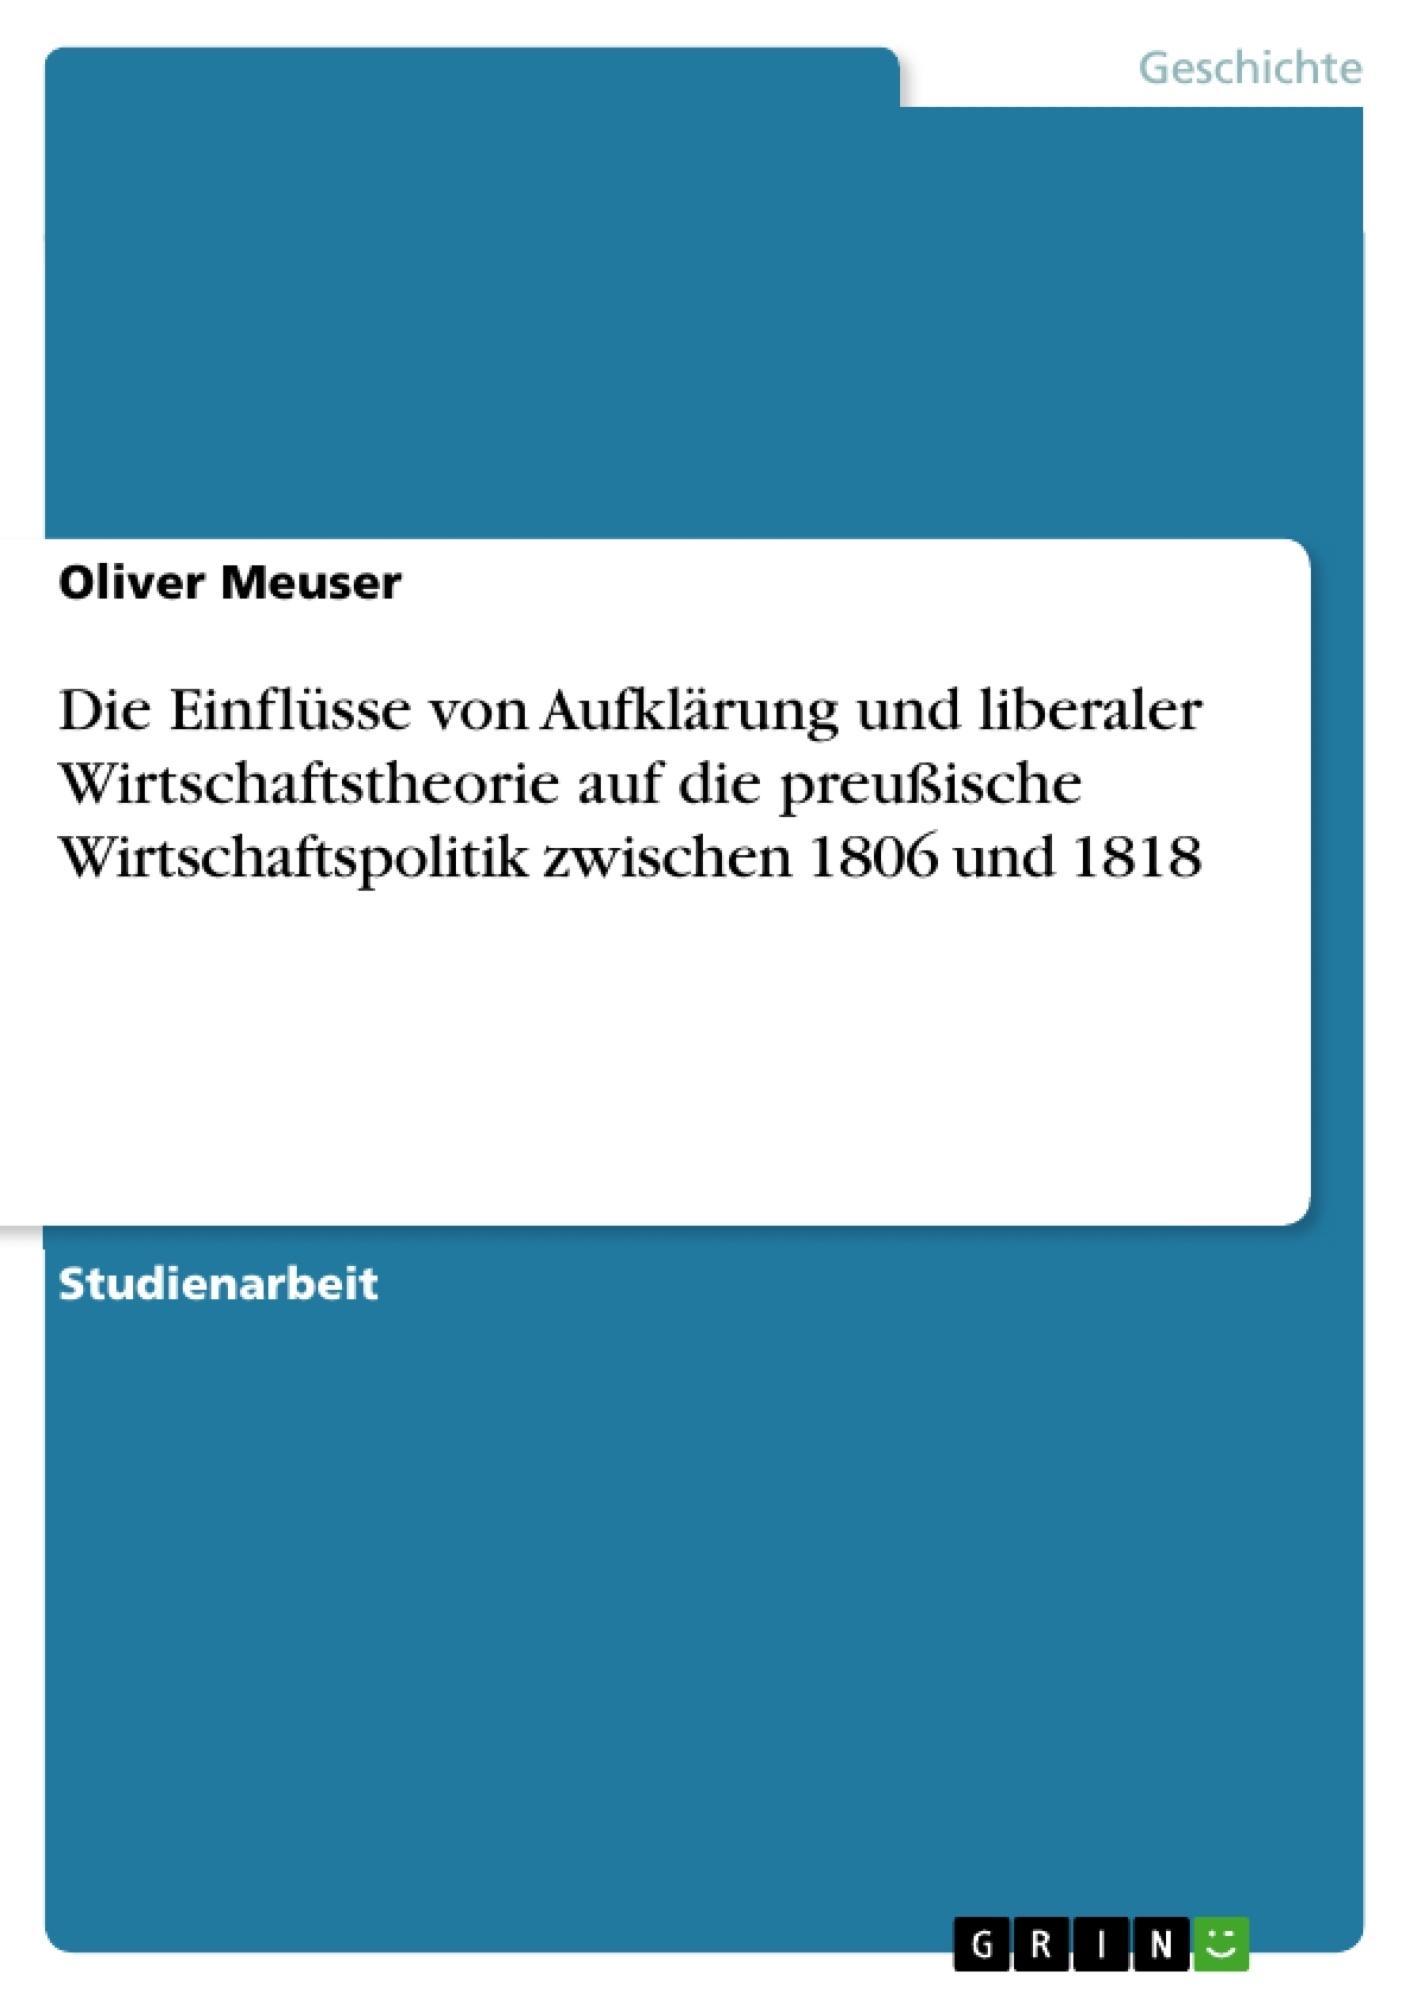 Titel: Die Einflüsse von Aufklärung und liberaler Wirtschaftstheorie auf die preußische Wirtschaftspolitik zwischen 1806 und 1818